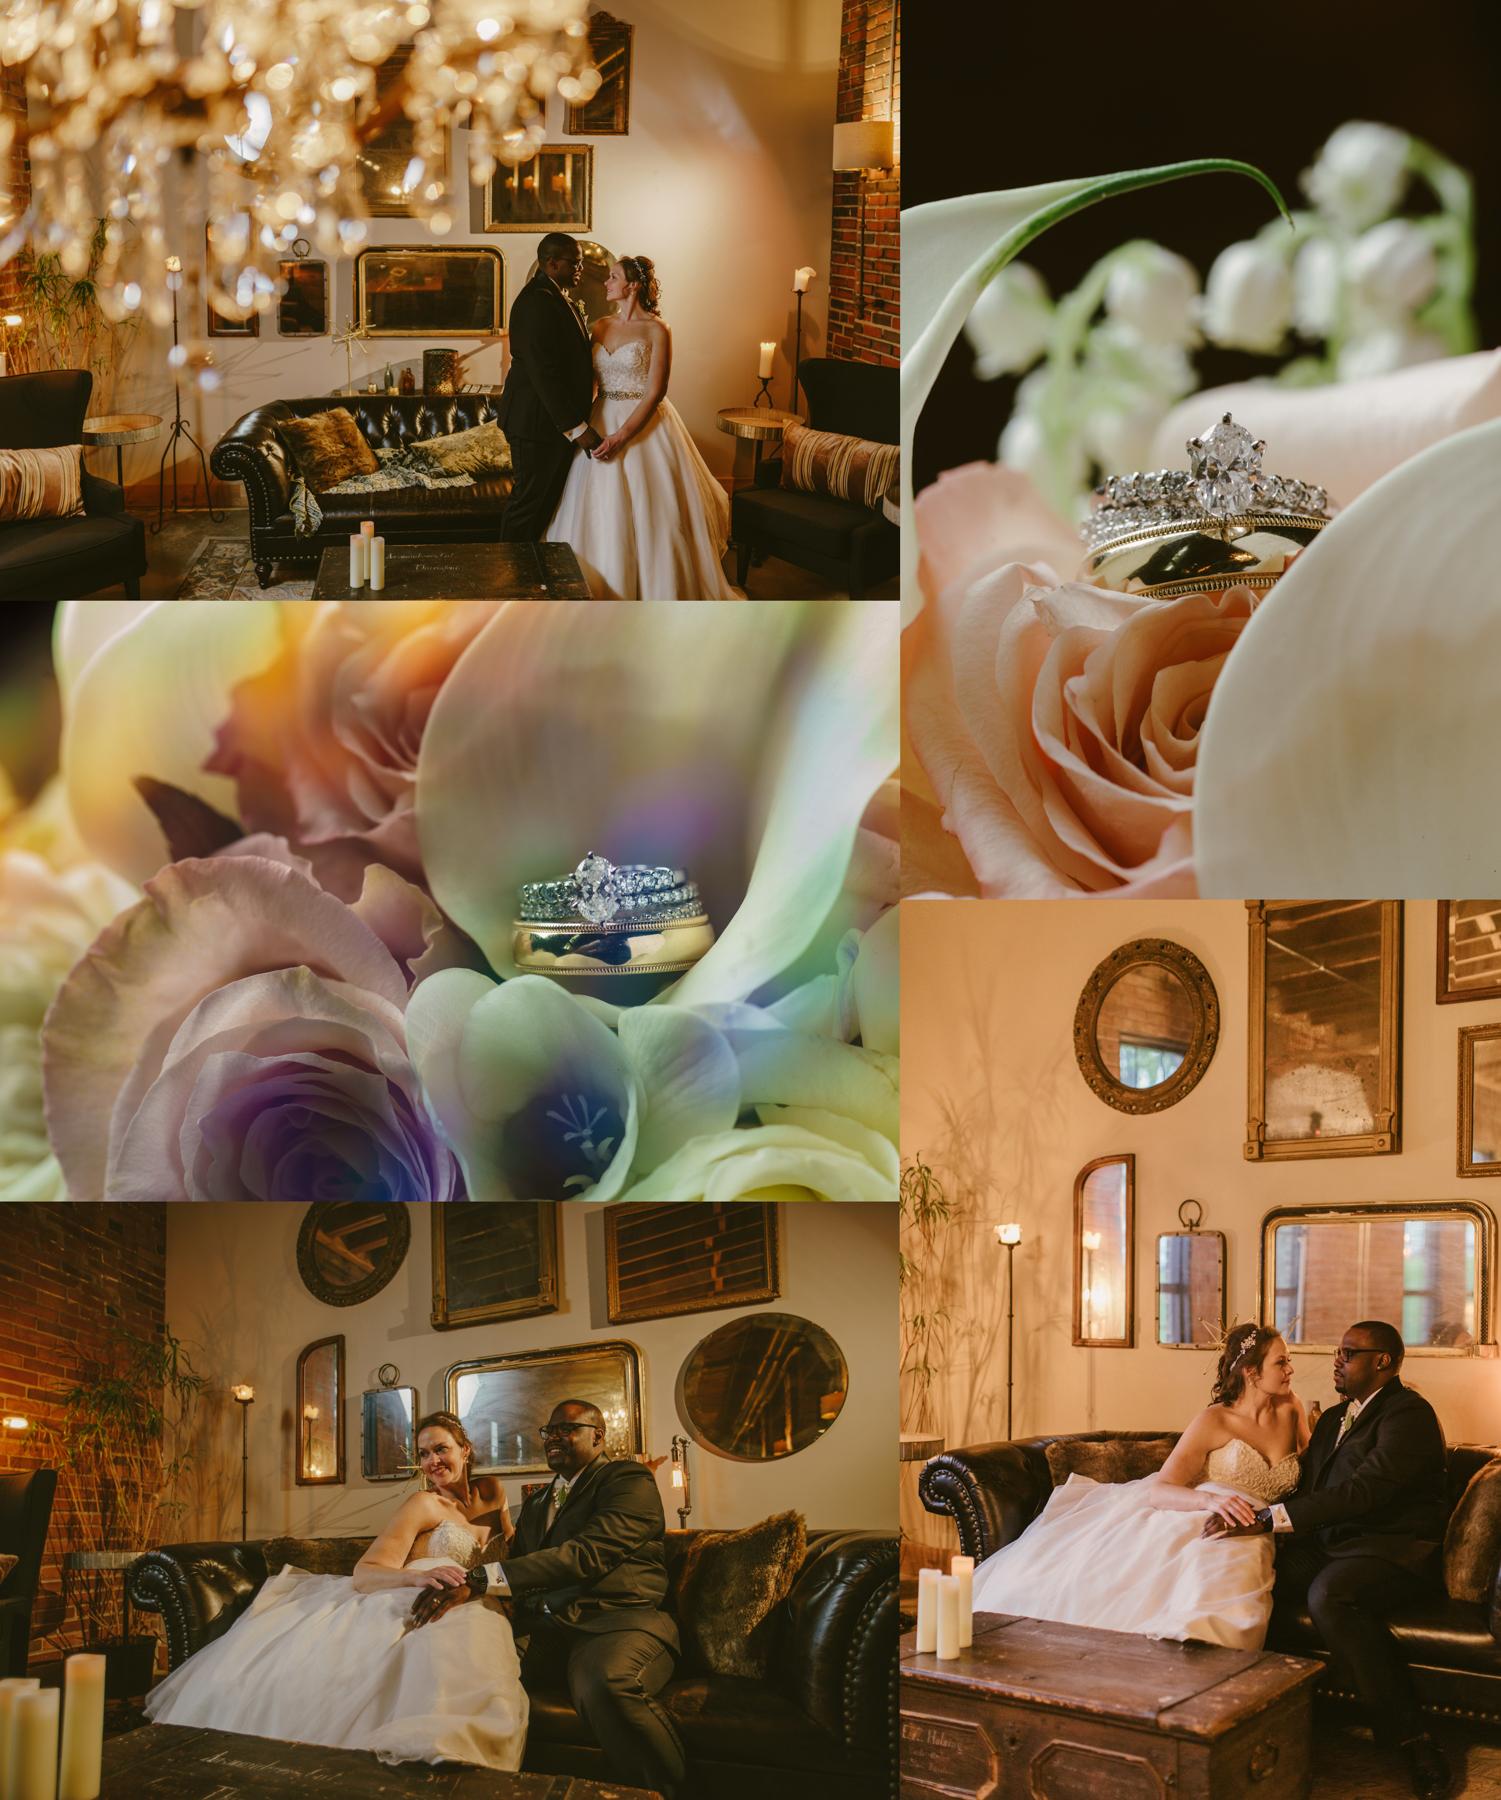 037 victoria and alex wedding.jpg